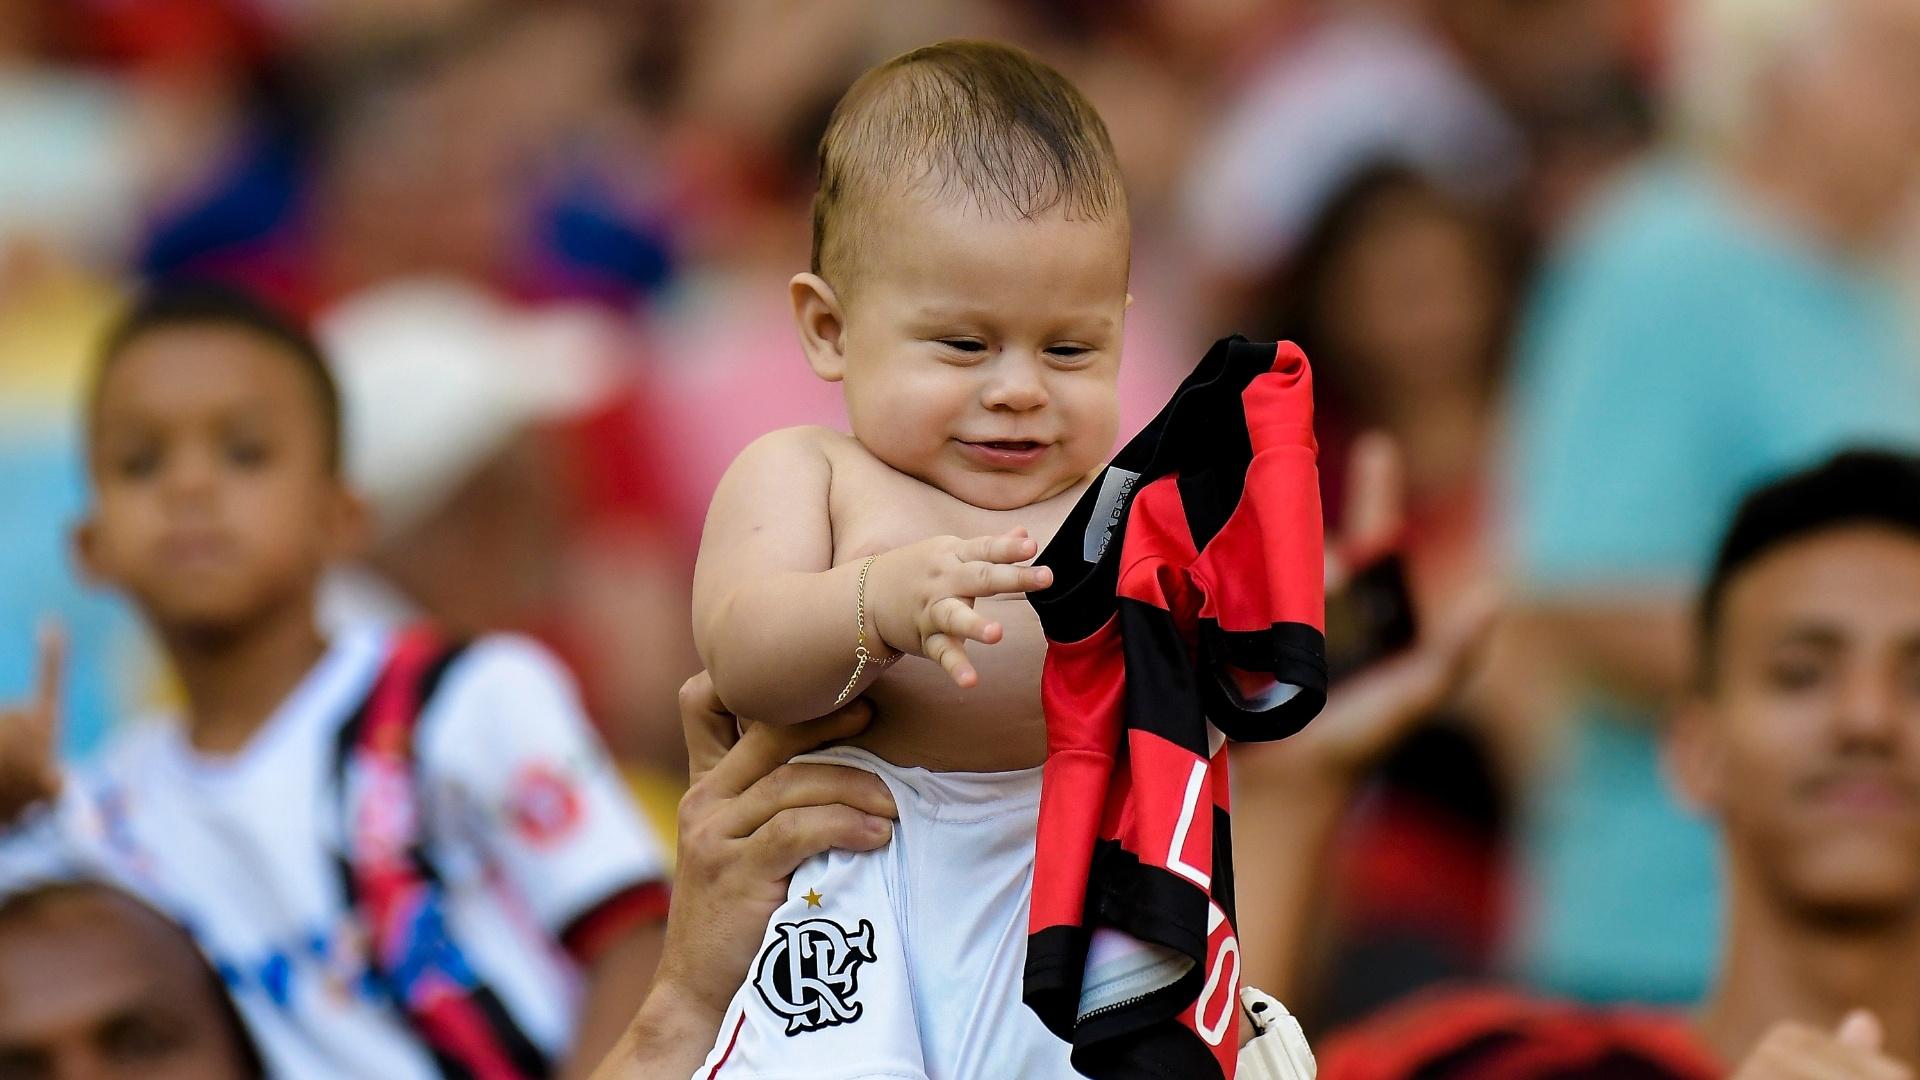 No Dia das Crianças, um bebê roubou a cena na torcida do Flamengo